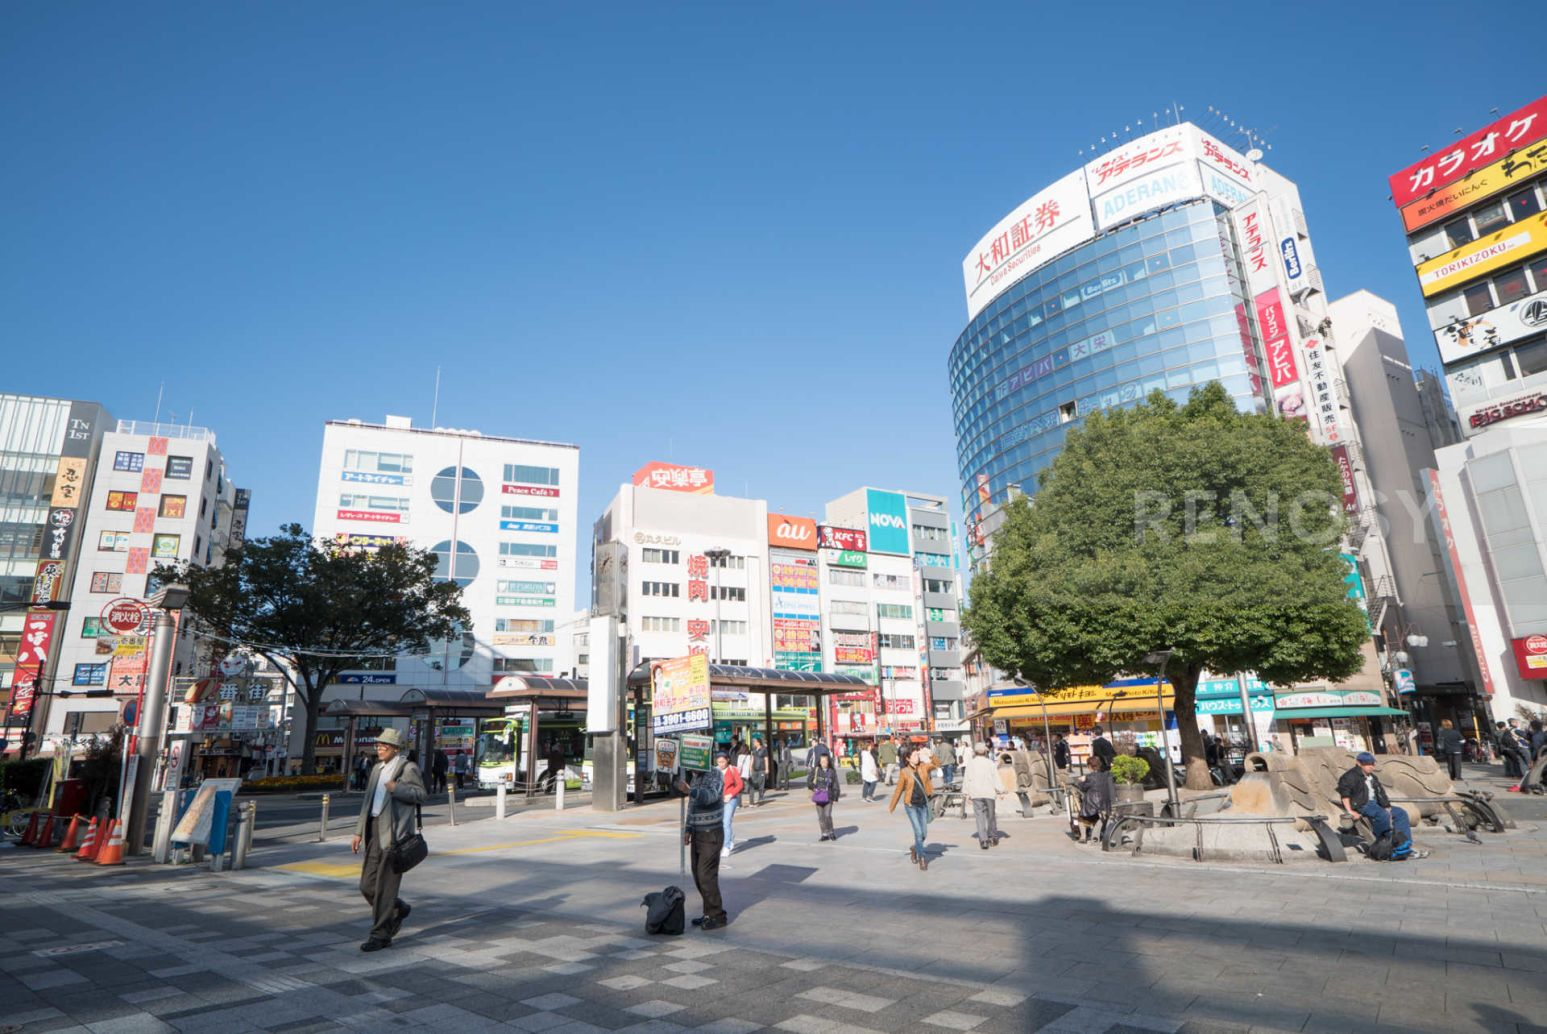 メインステージ東京ノースハイズ